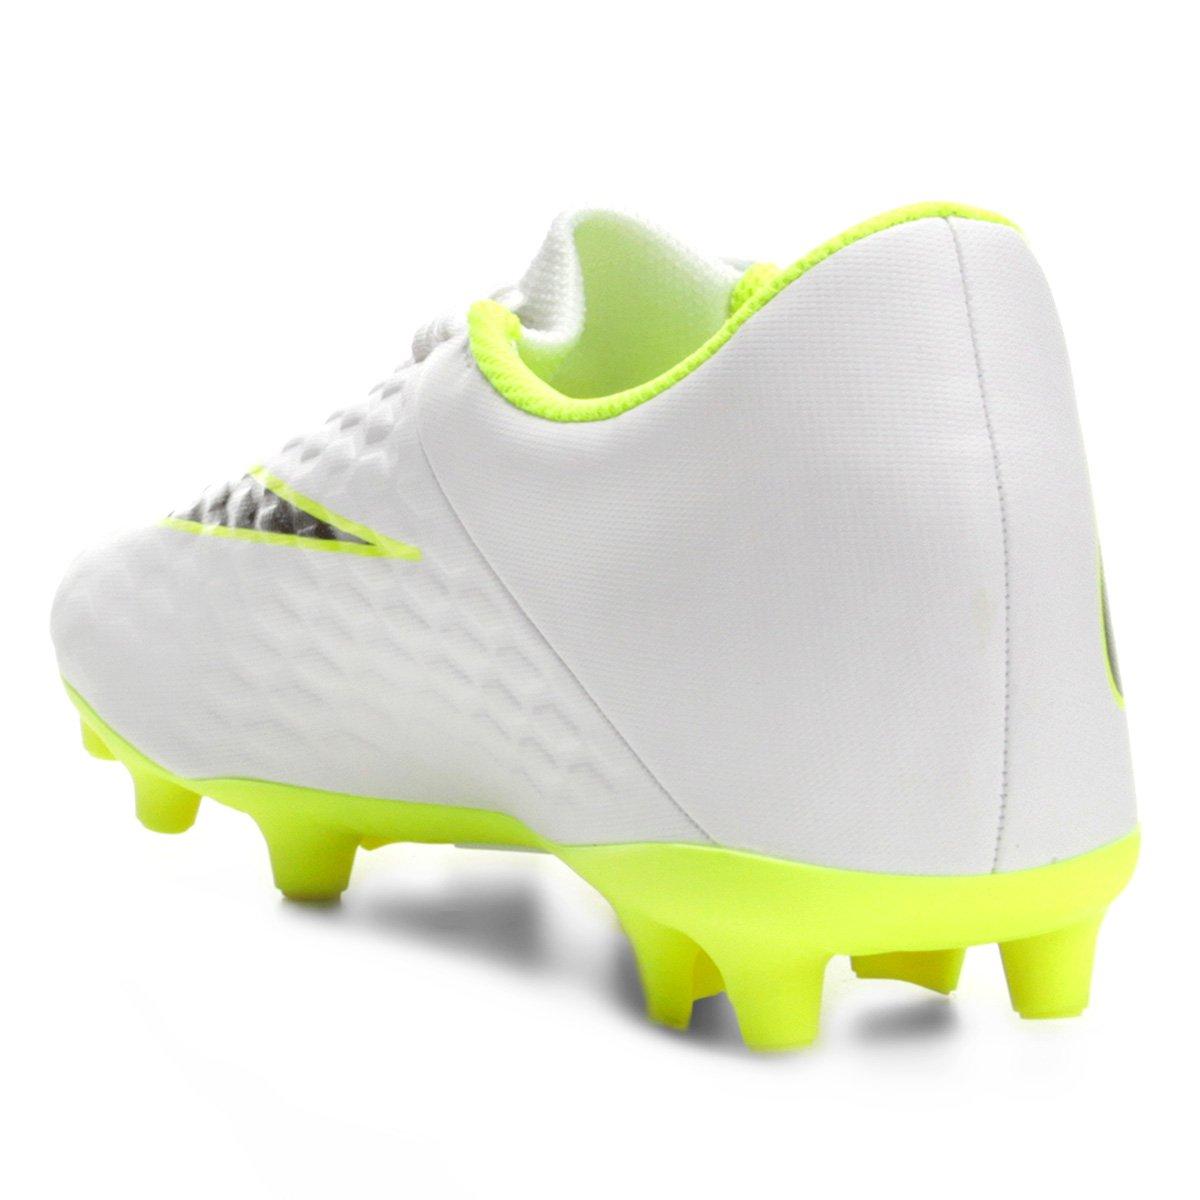 Hypervenom Chuteira e Branco Cinza Masculina Nike Phantom 3 Club Campo FG qUpU1A